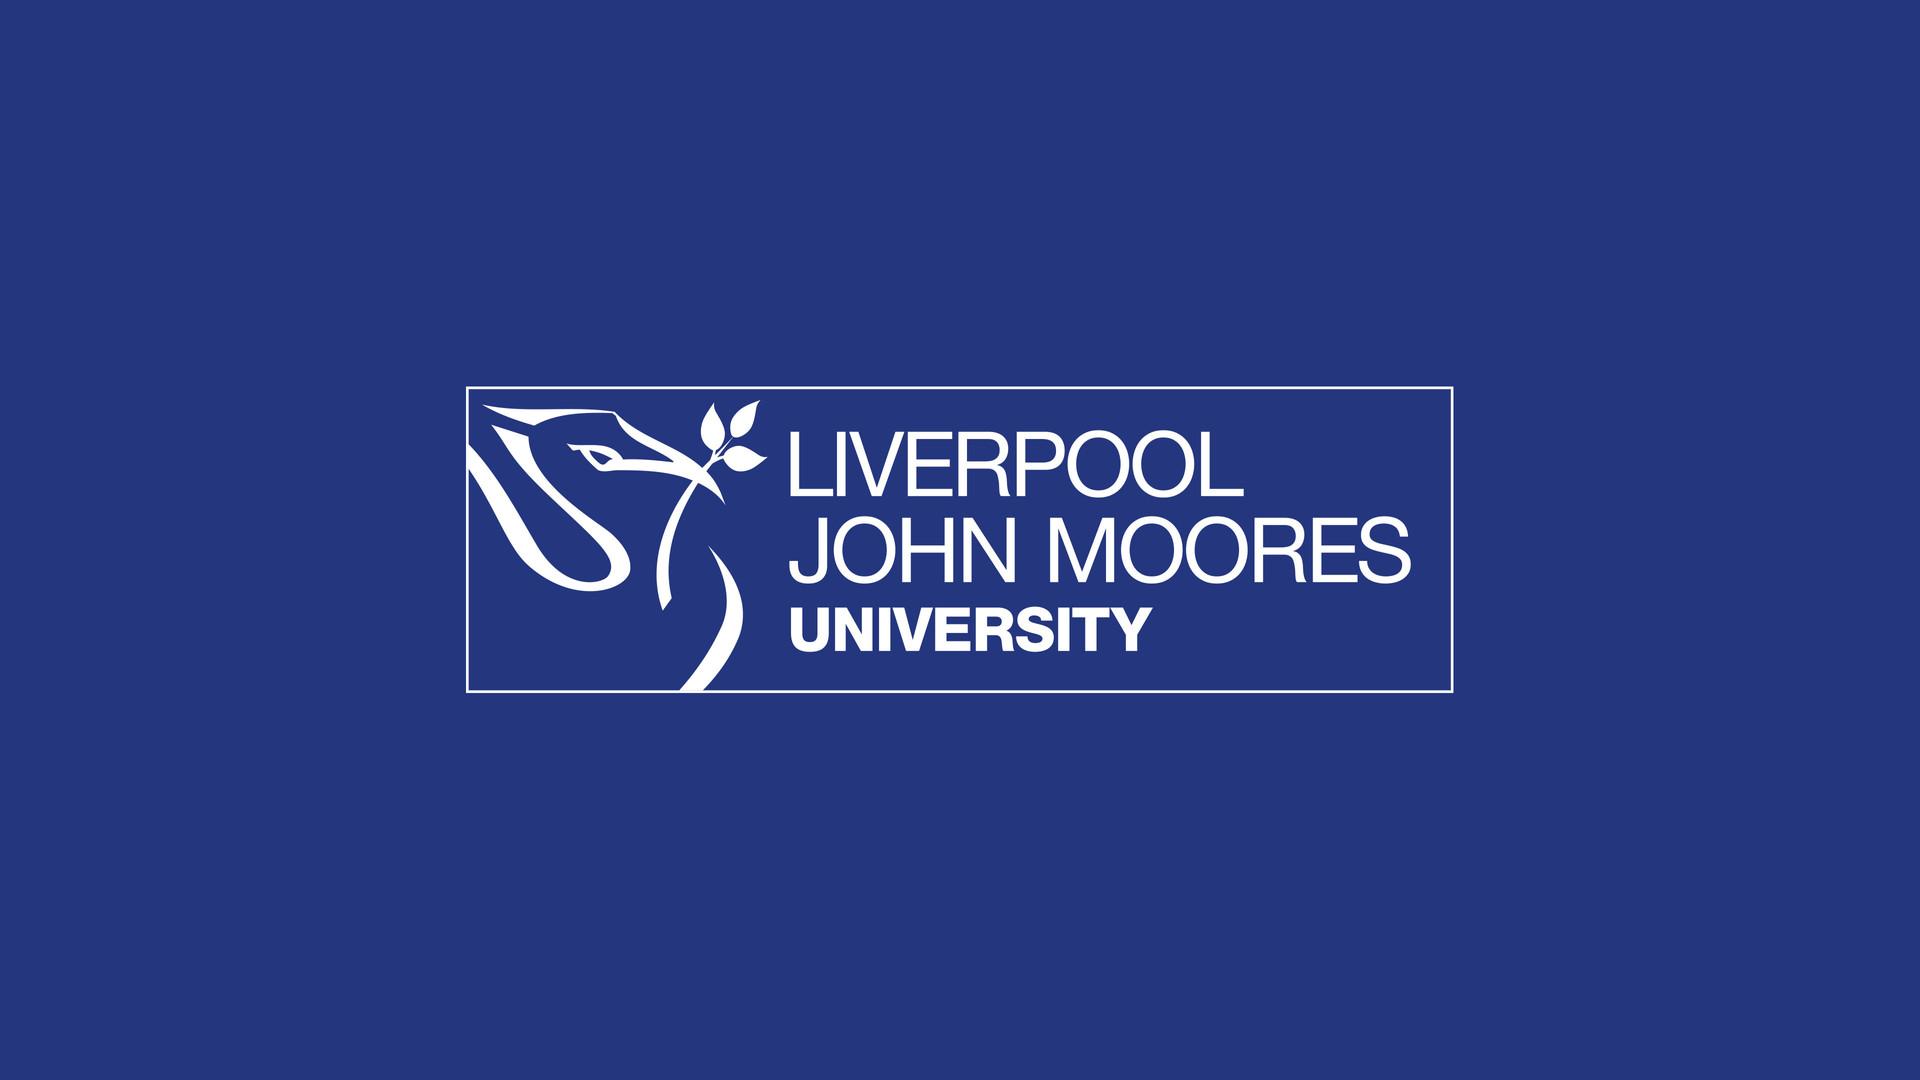 4K LJMU blue white logo.jpg